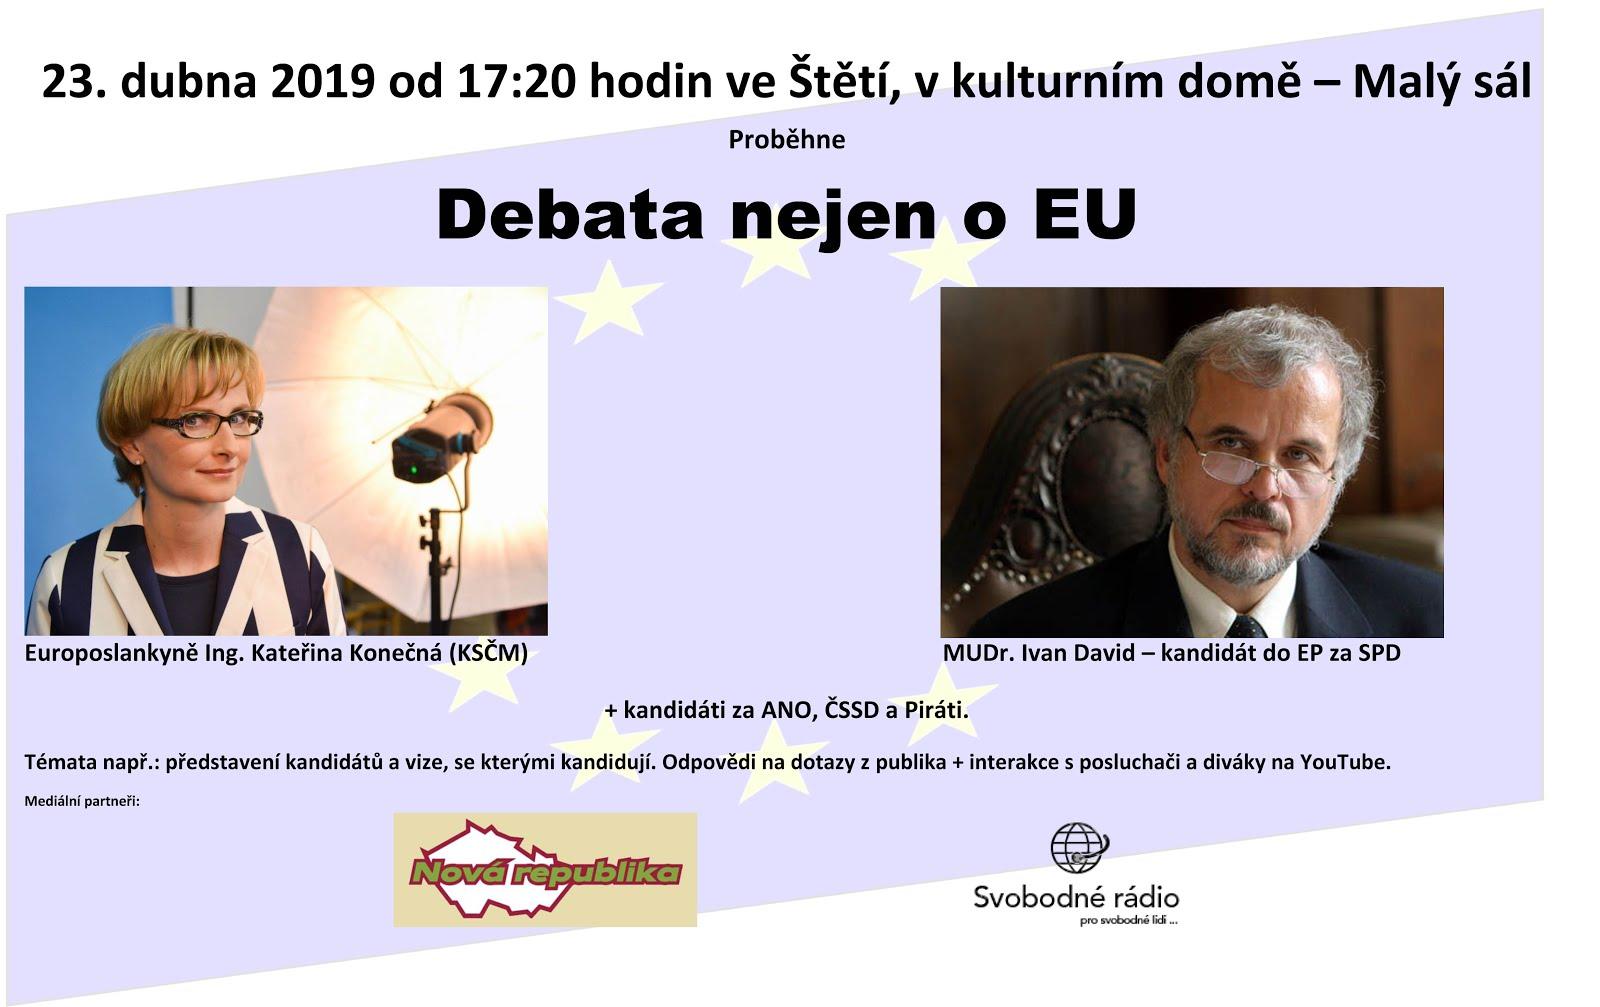 Debata nejen o EU